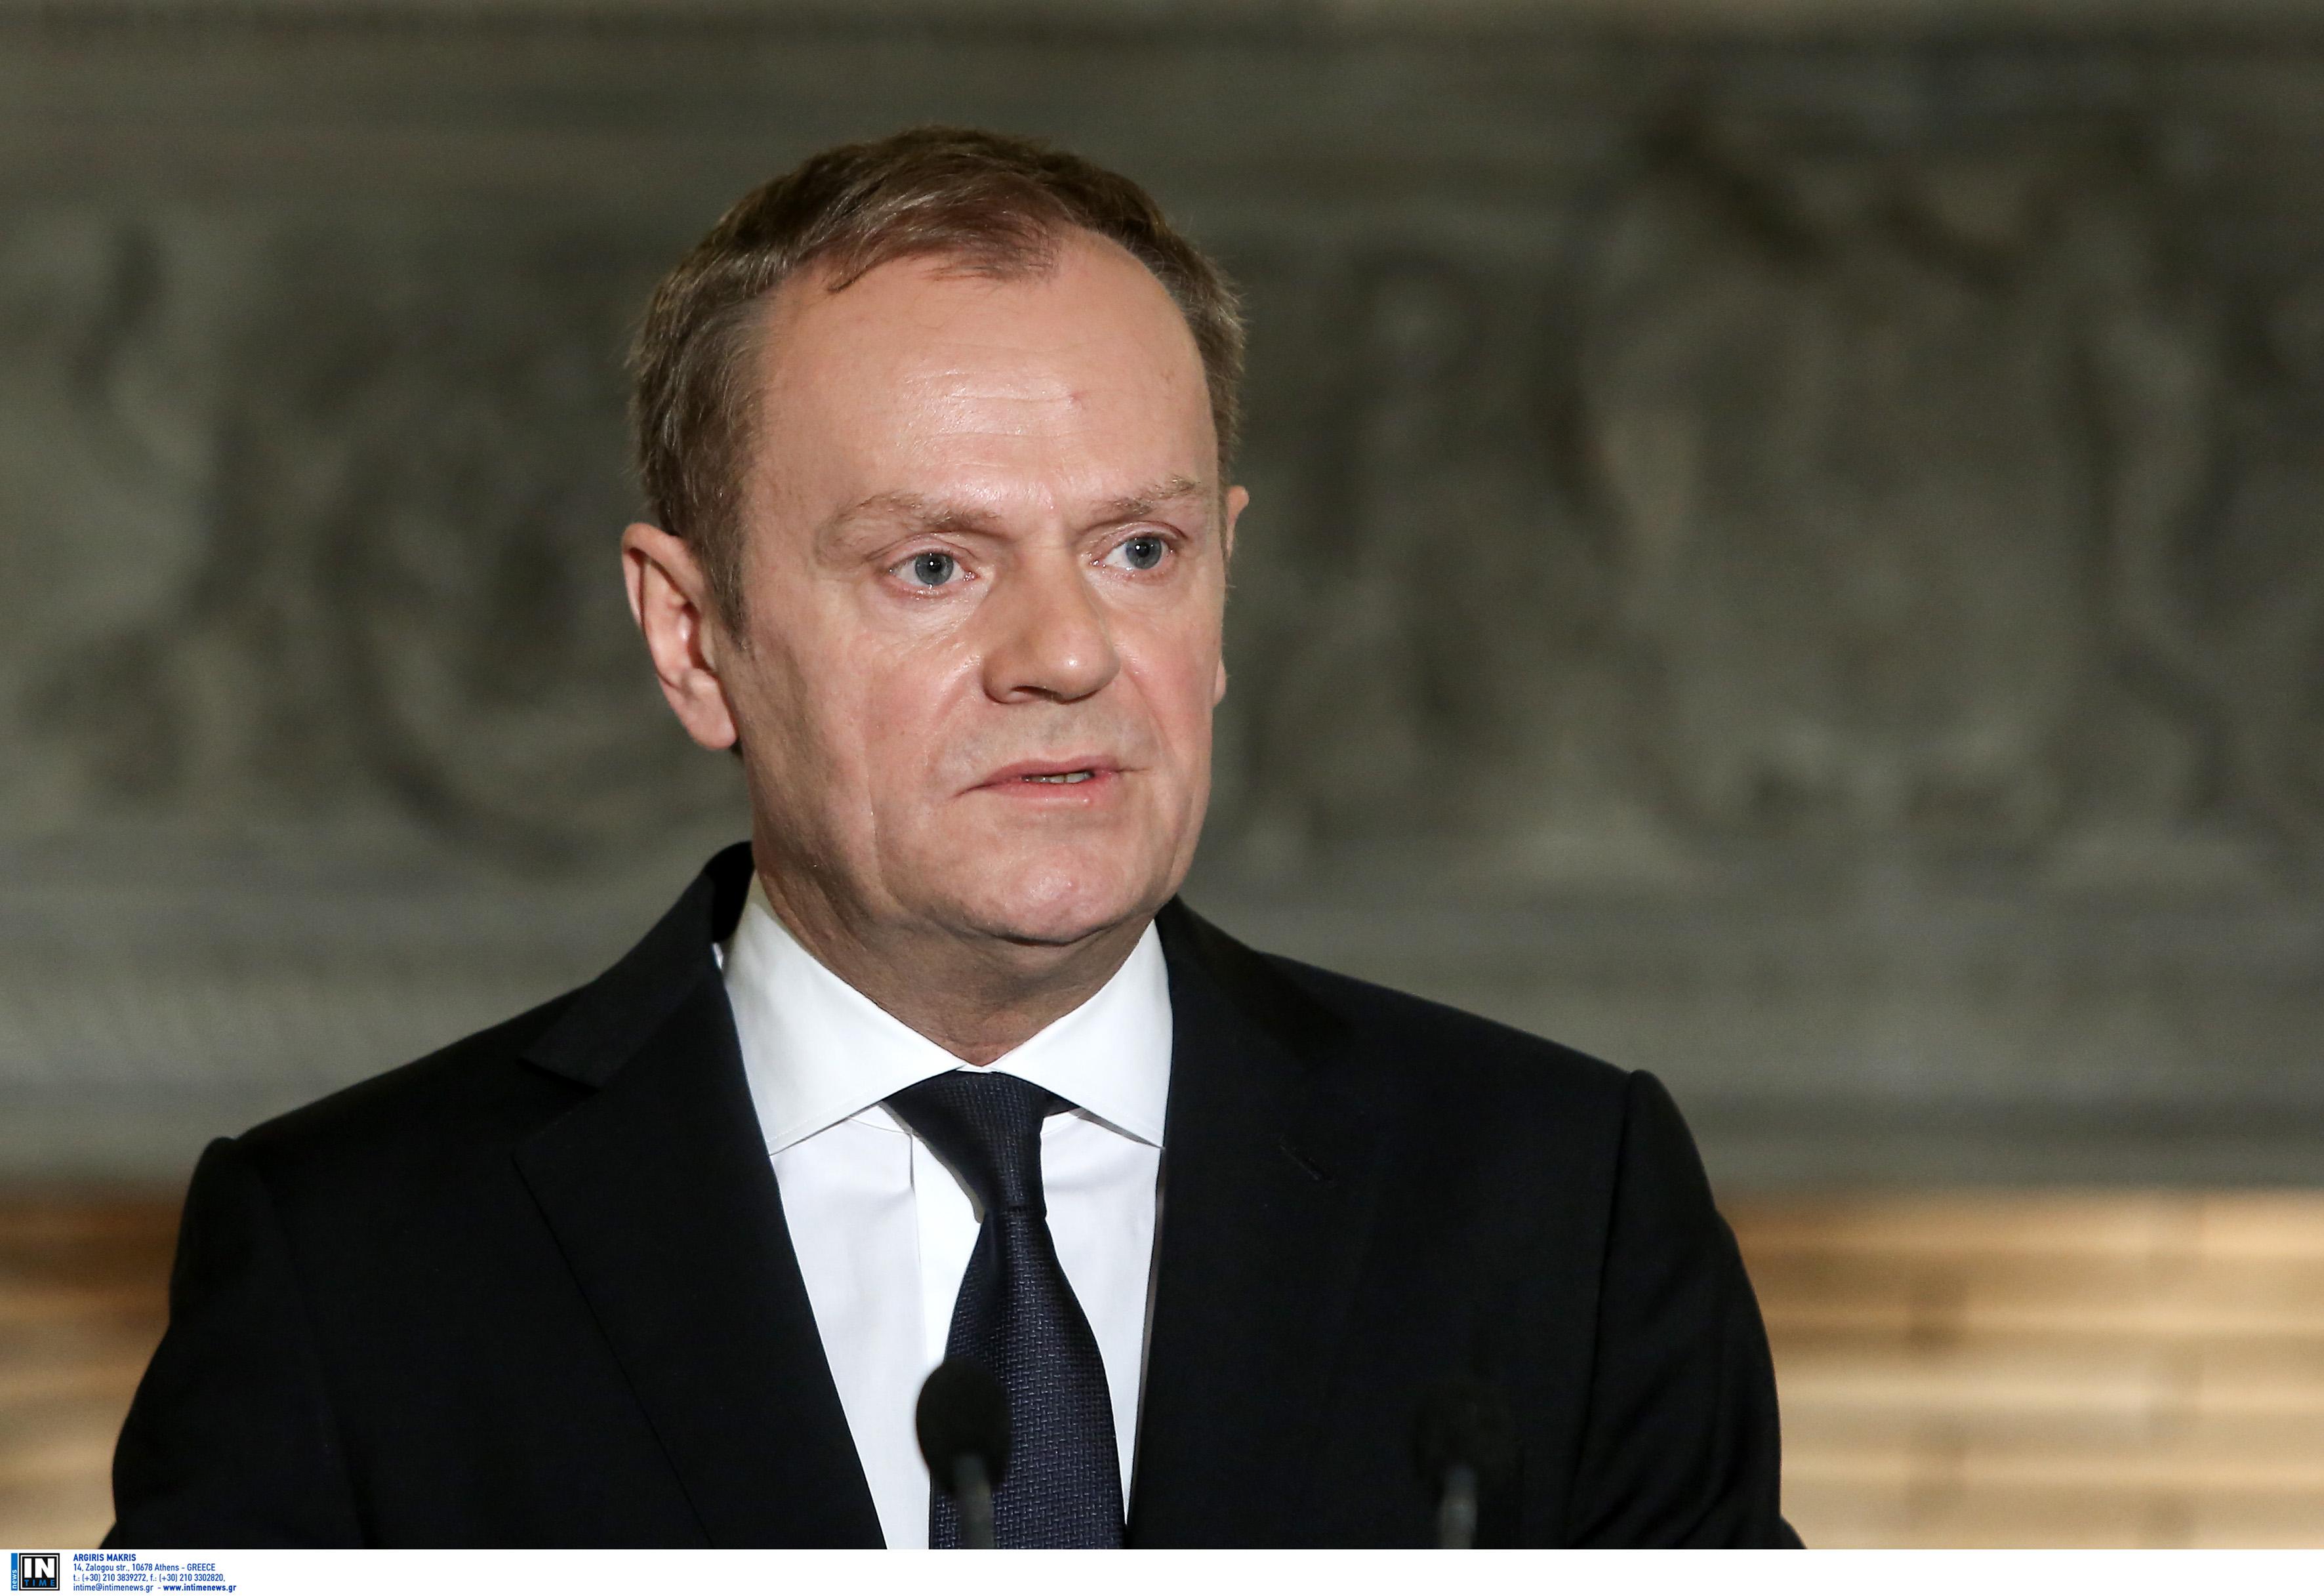 Τουσκ: Με ψευδαισθήσεις για ενωμένη ΕΕ, η Ευρώπη πέφτει στους λαϊκιστές | tovima.gr